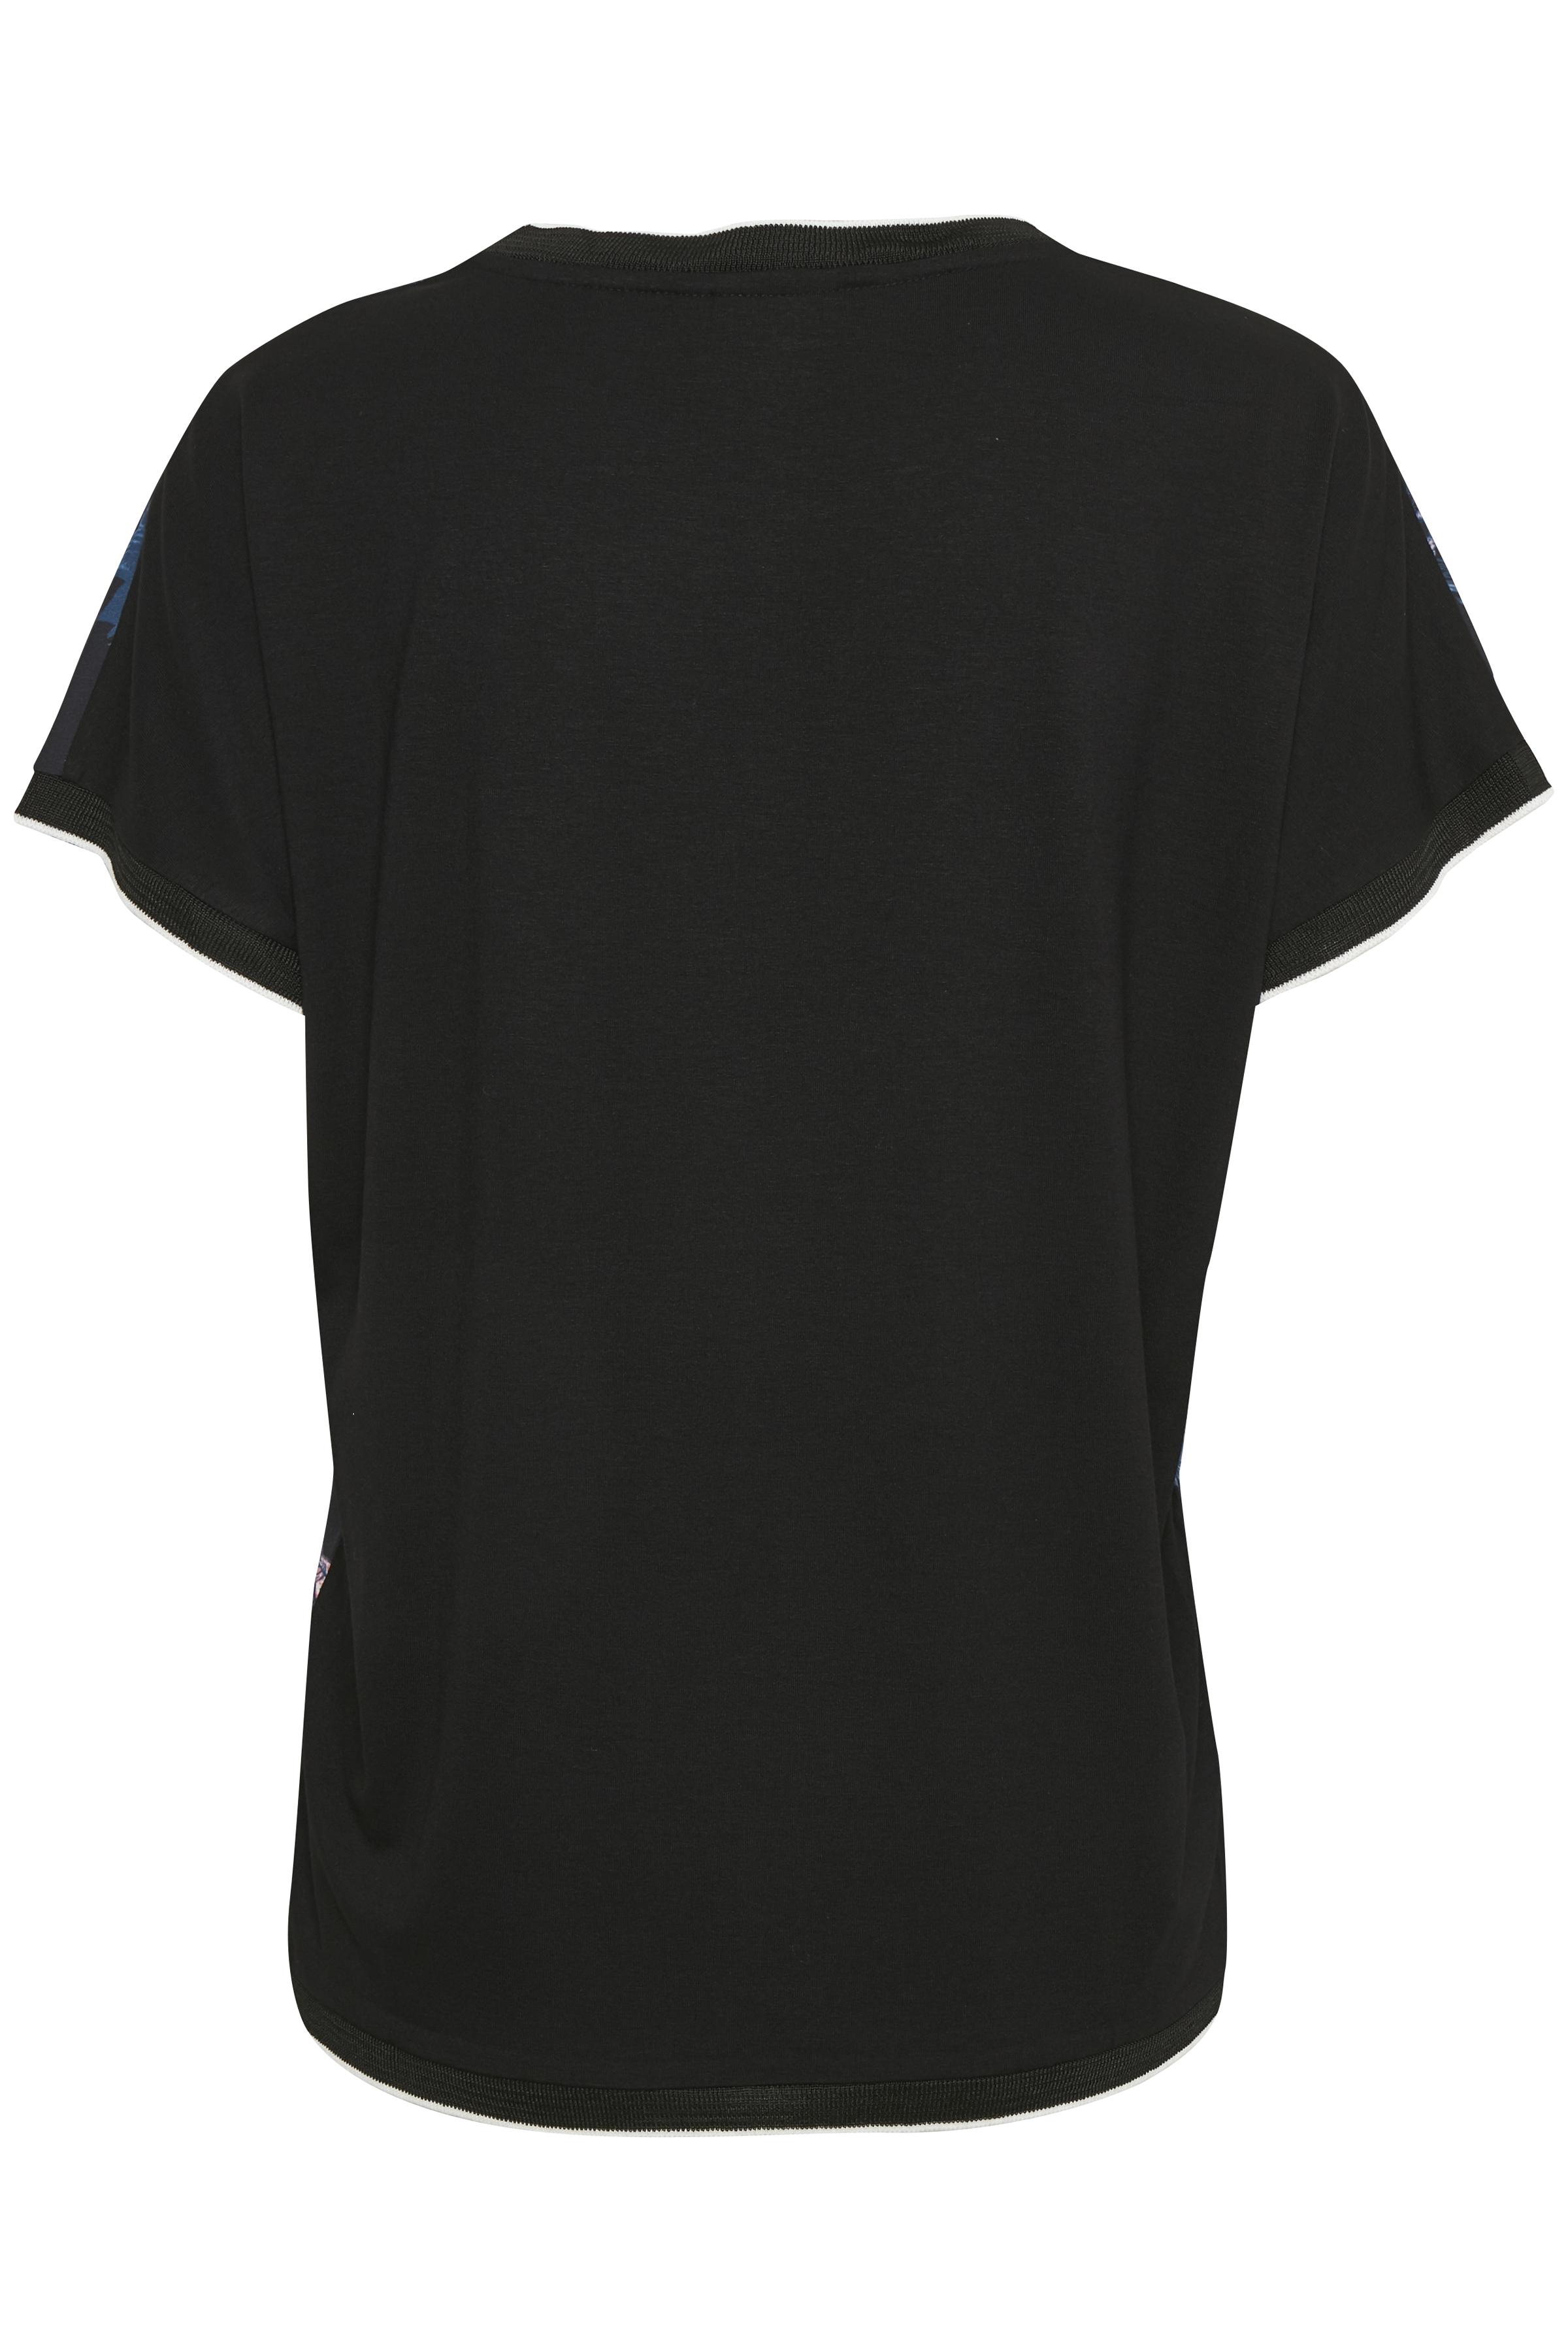 Svart/blå Kortärmad T-shirt från b.young – Köp Svart/blå Kortärmad T-shirt från stl. XS-XXL här